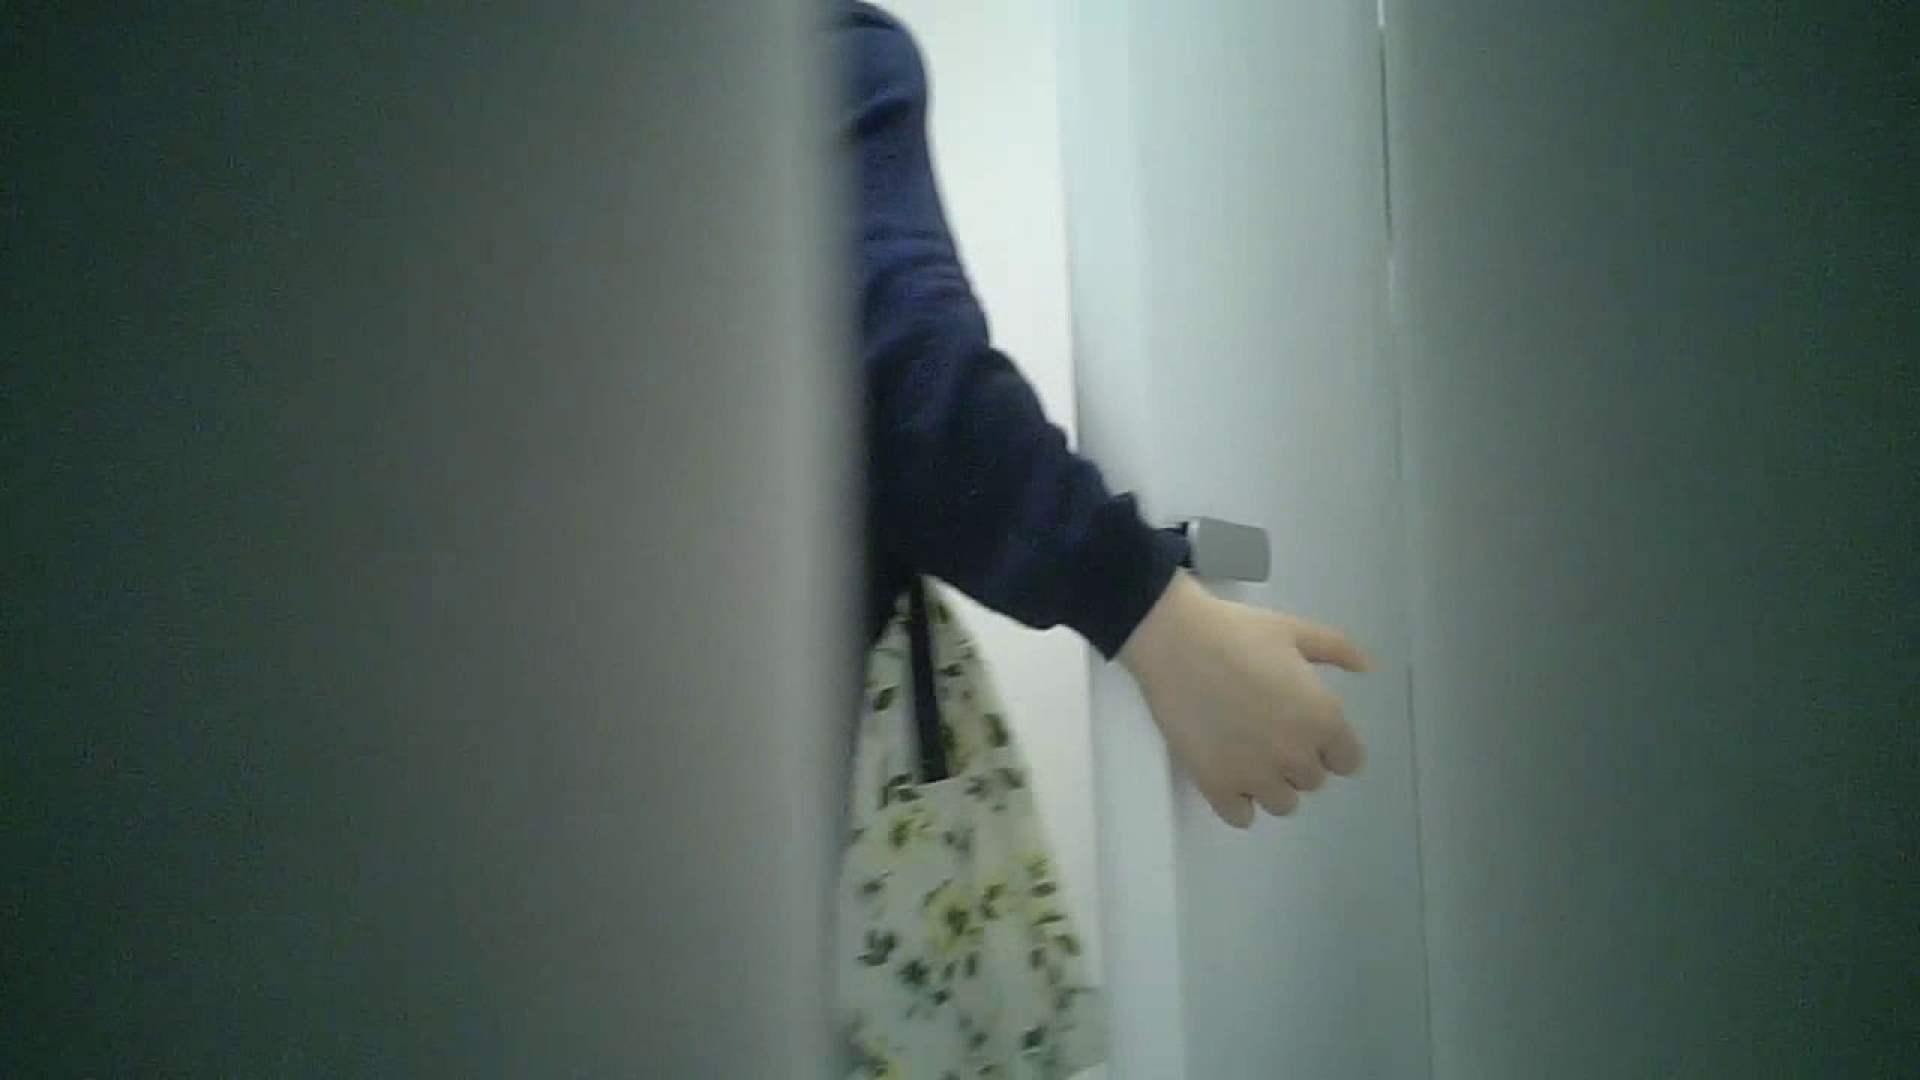 某有名大学女性洗面所 vol.34 今回は、2カメでばっちりいっちゃいました。 洗面所のぞき  83枚 63